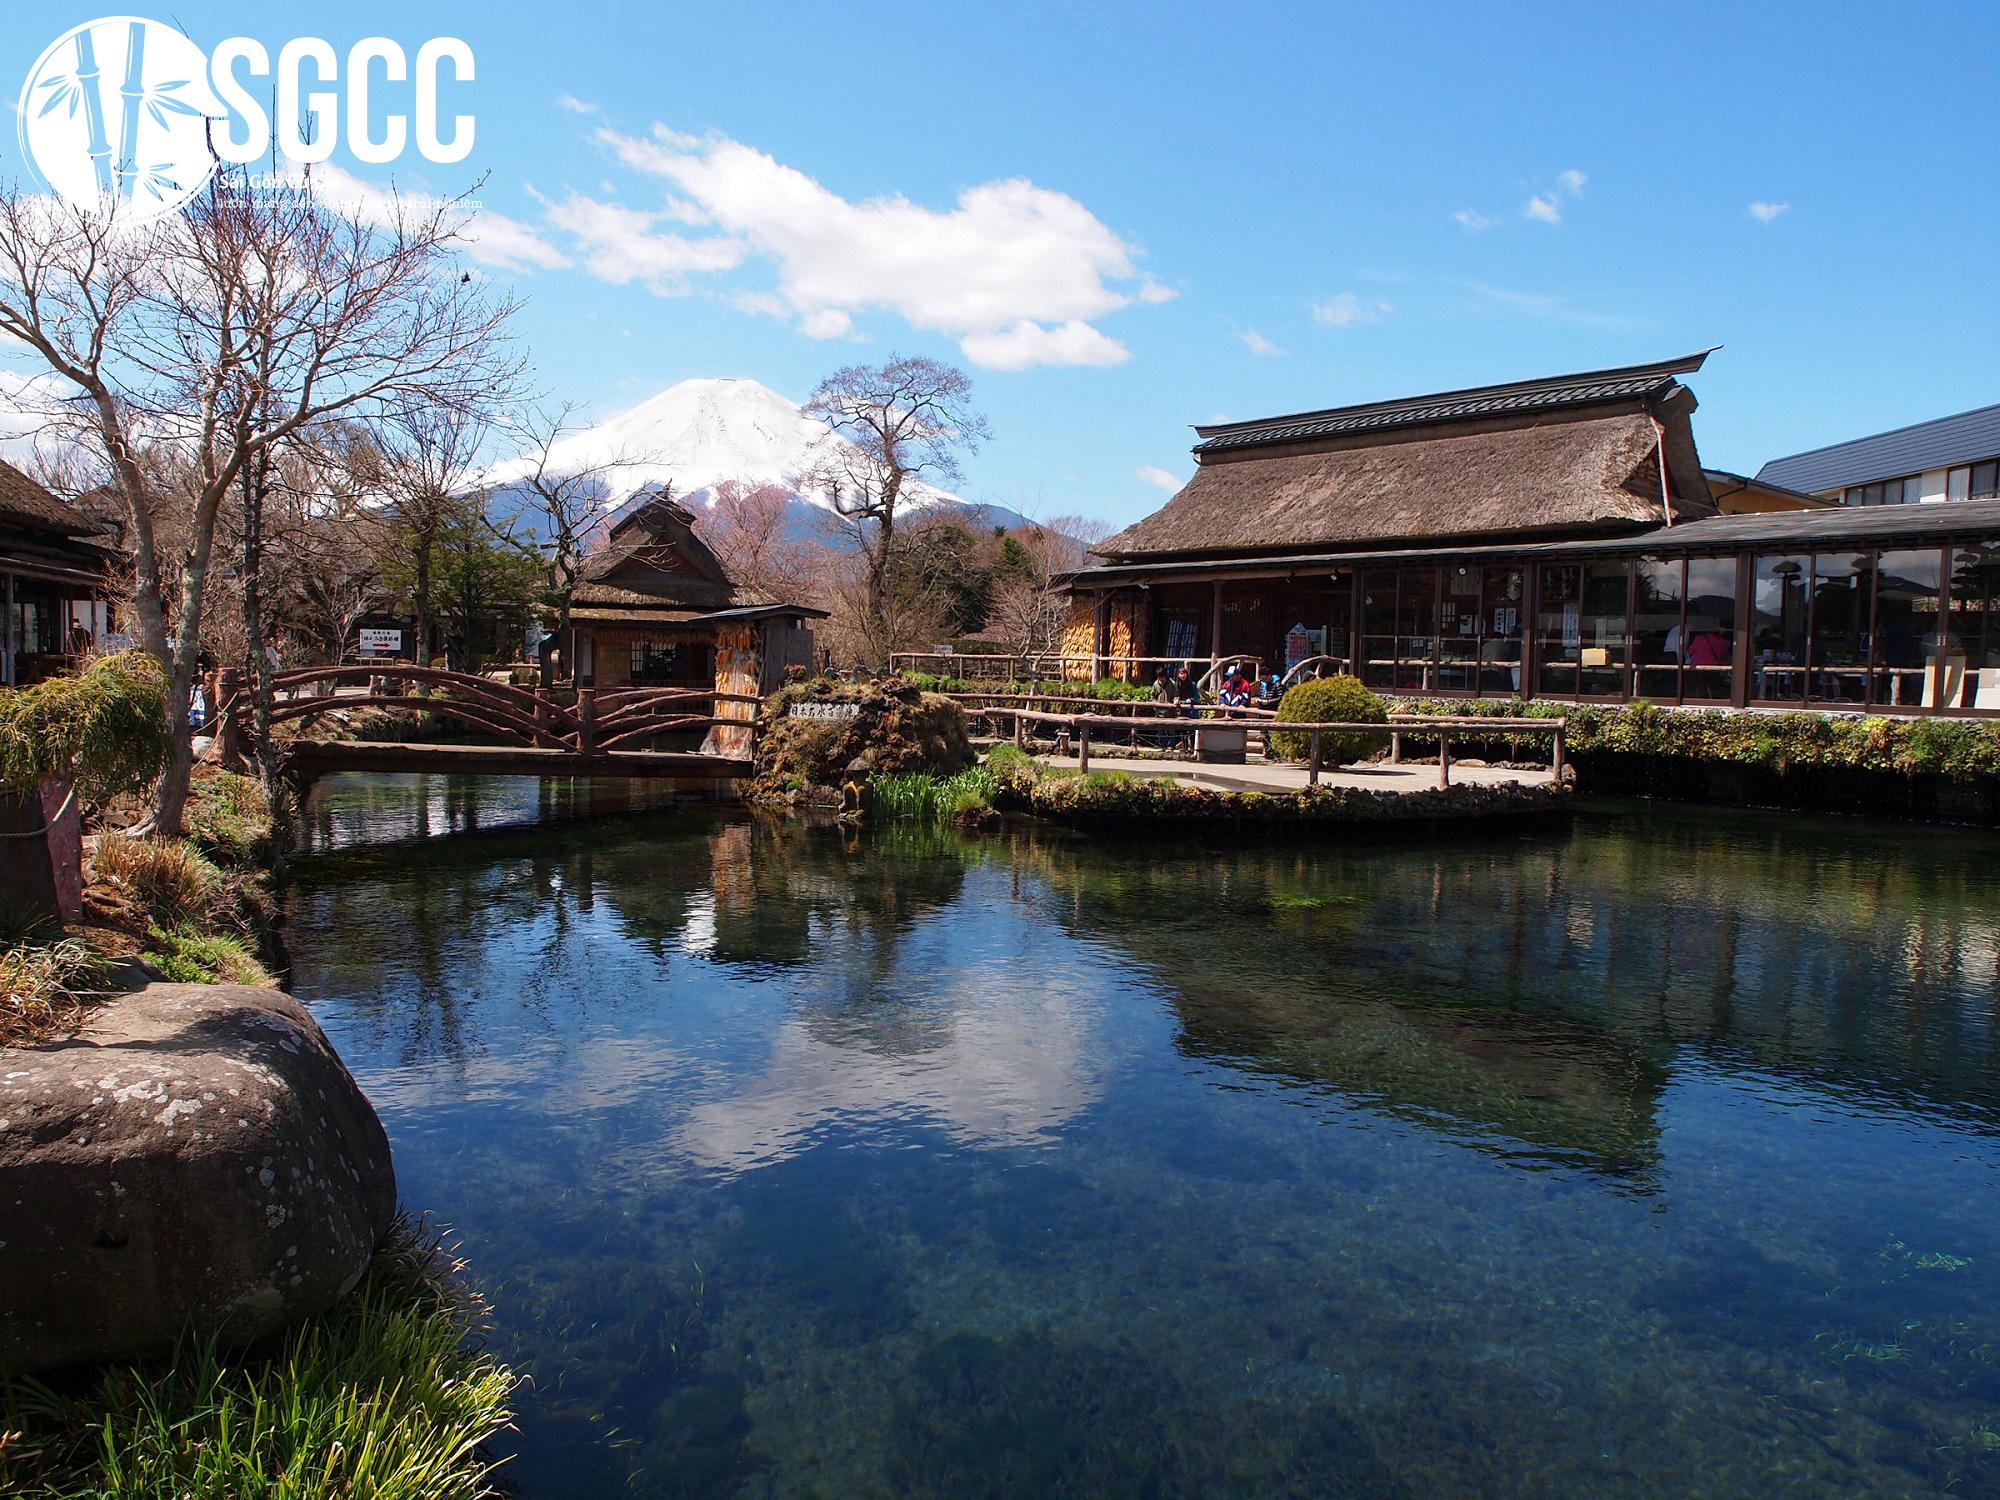 CUNG ĐƯỜNG NHẬT BẢN MÙA THU KOBE – OSAKA – KYOTO – NAGOYA – FUJI – HAKONE – TOKYO – IBARAKI